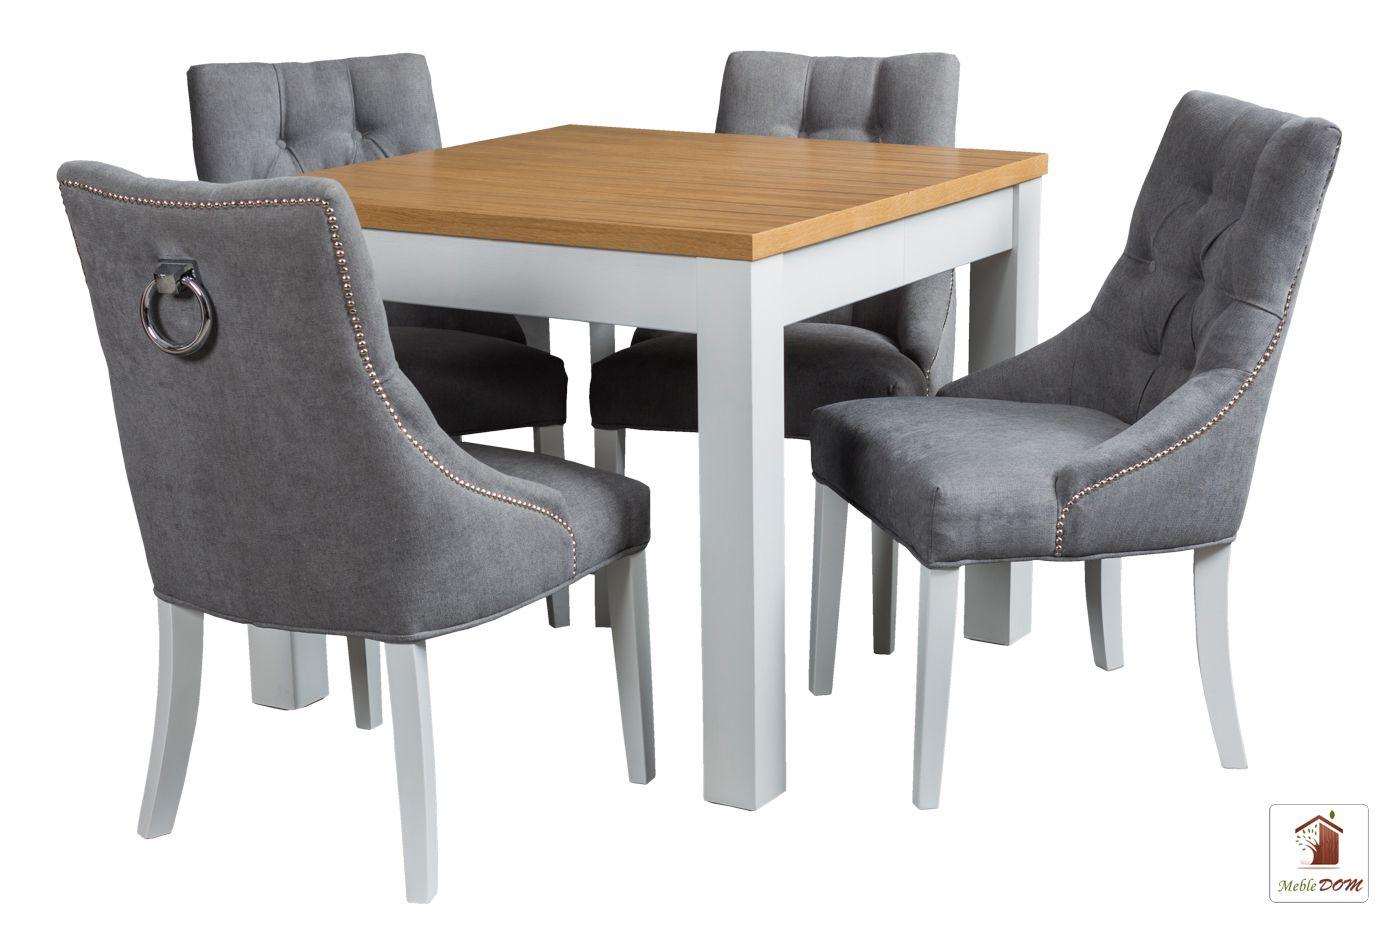 Kwadratowy stół rozkładany Strong Square z krzesłami Diana